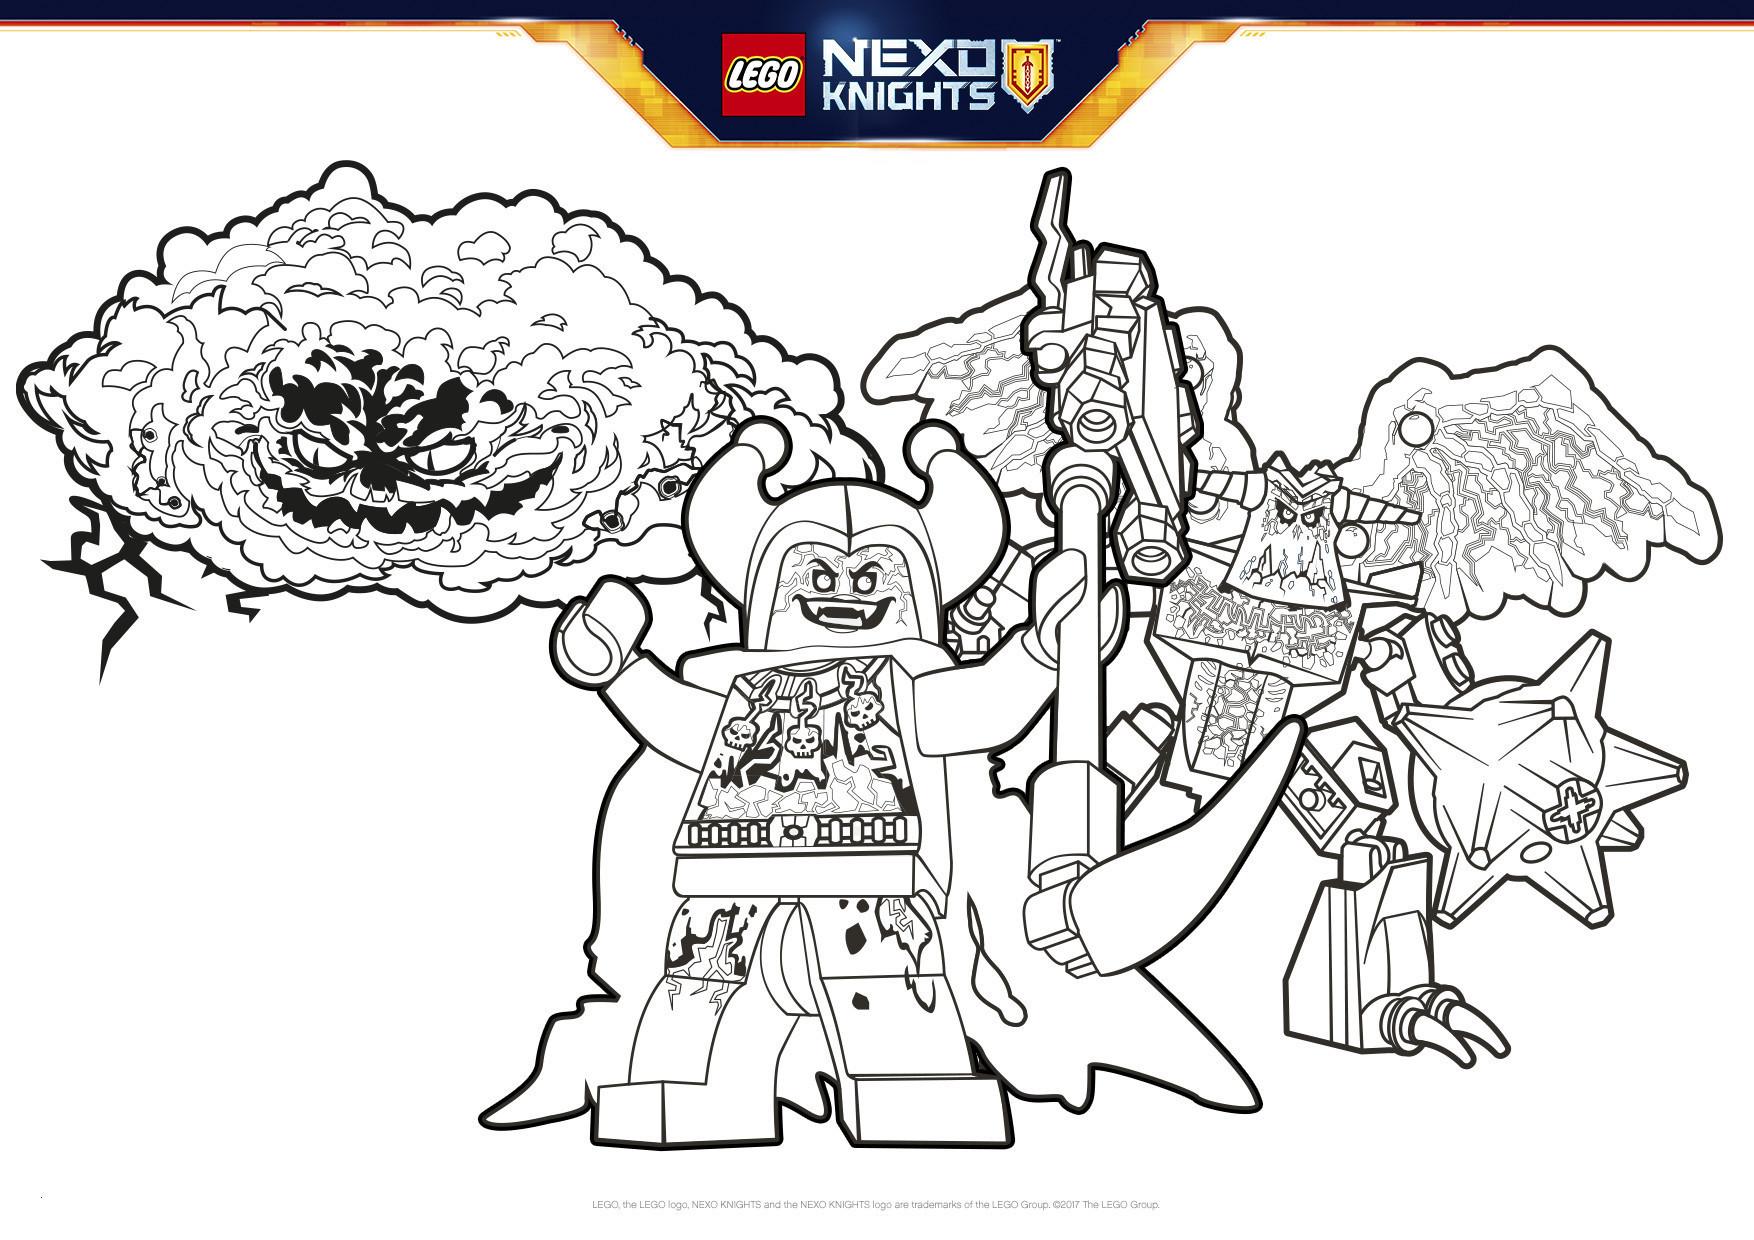 Lego Ausmalbilder Kostenlos Genial Lego Ausmalbilder Nexo Knights Frisch Nexo Knight Coloring Pages Sammlung